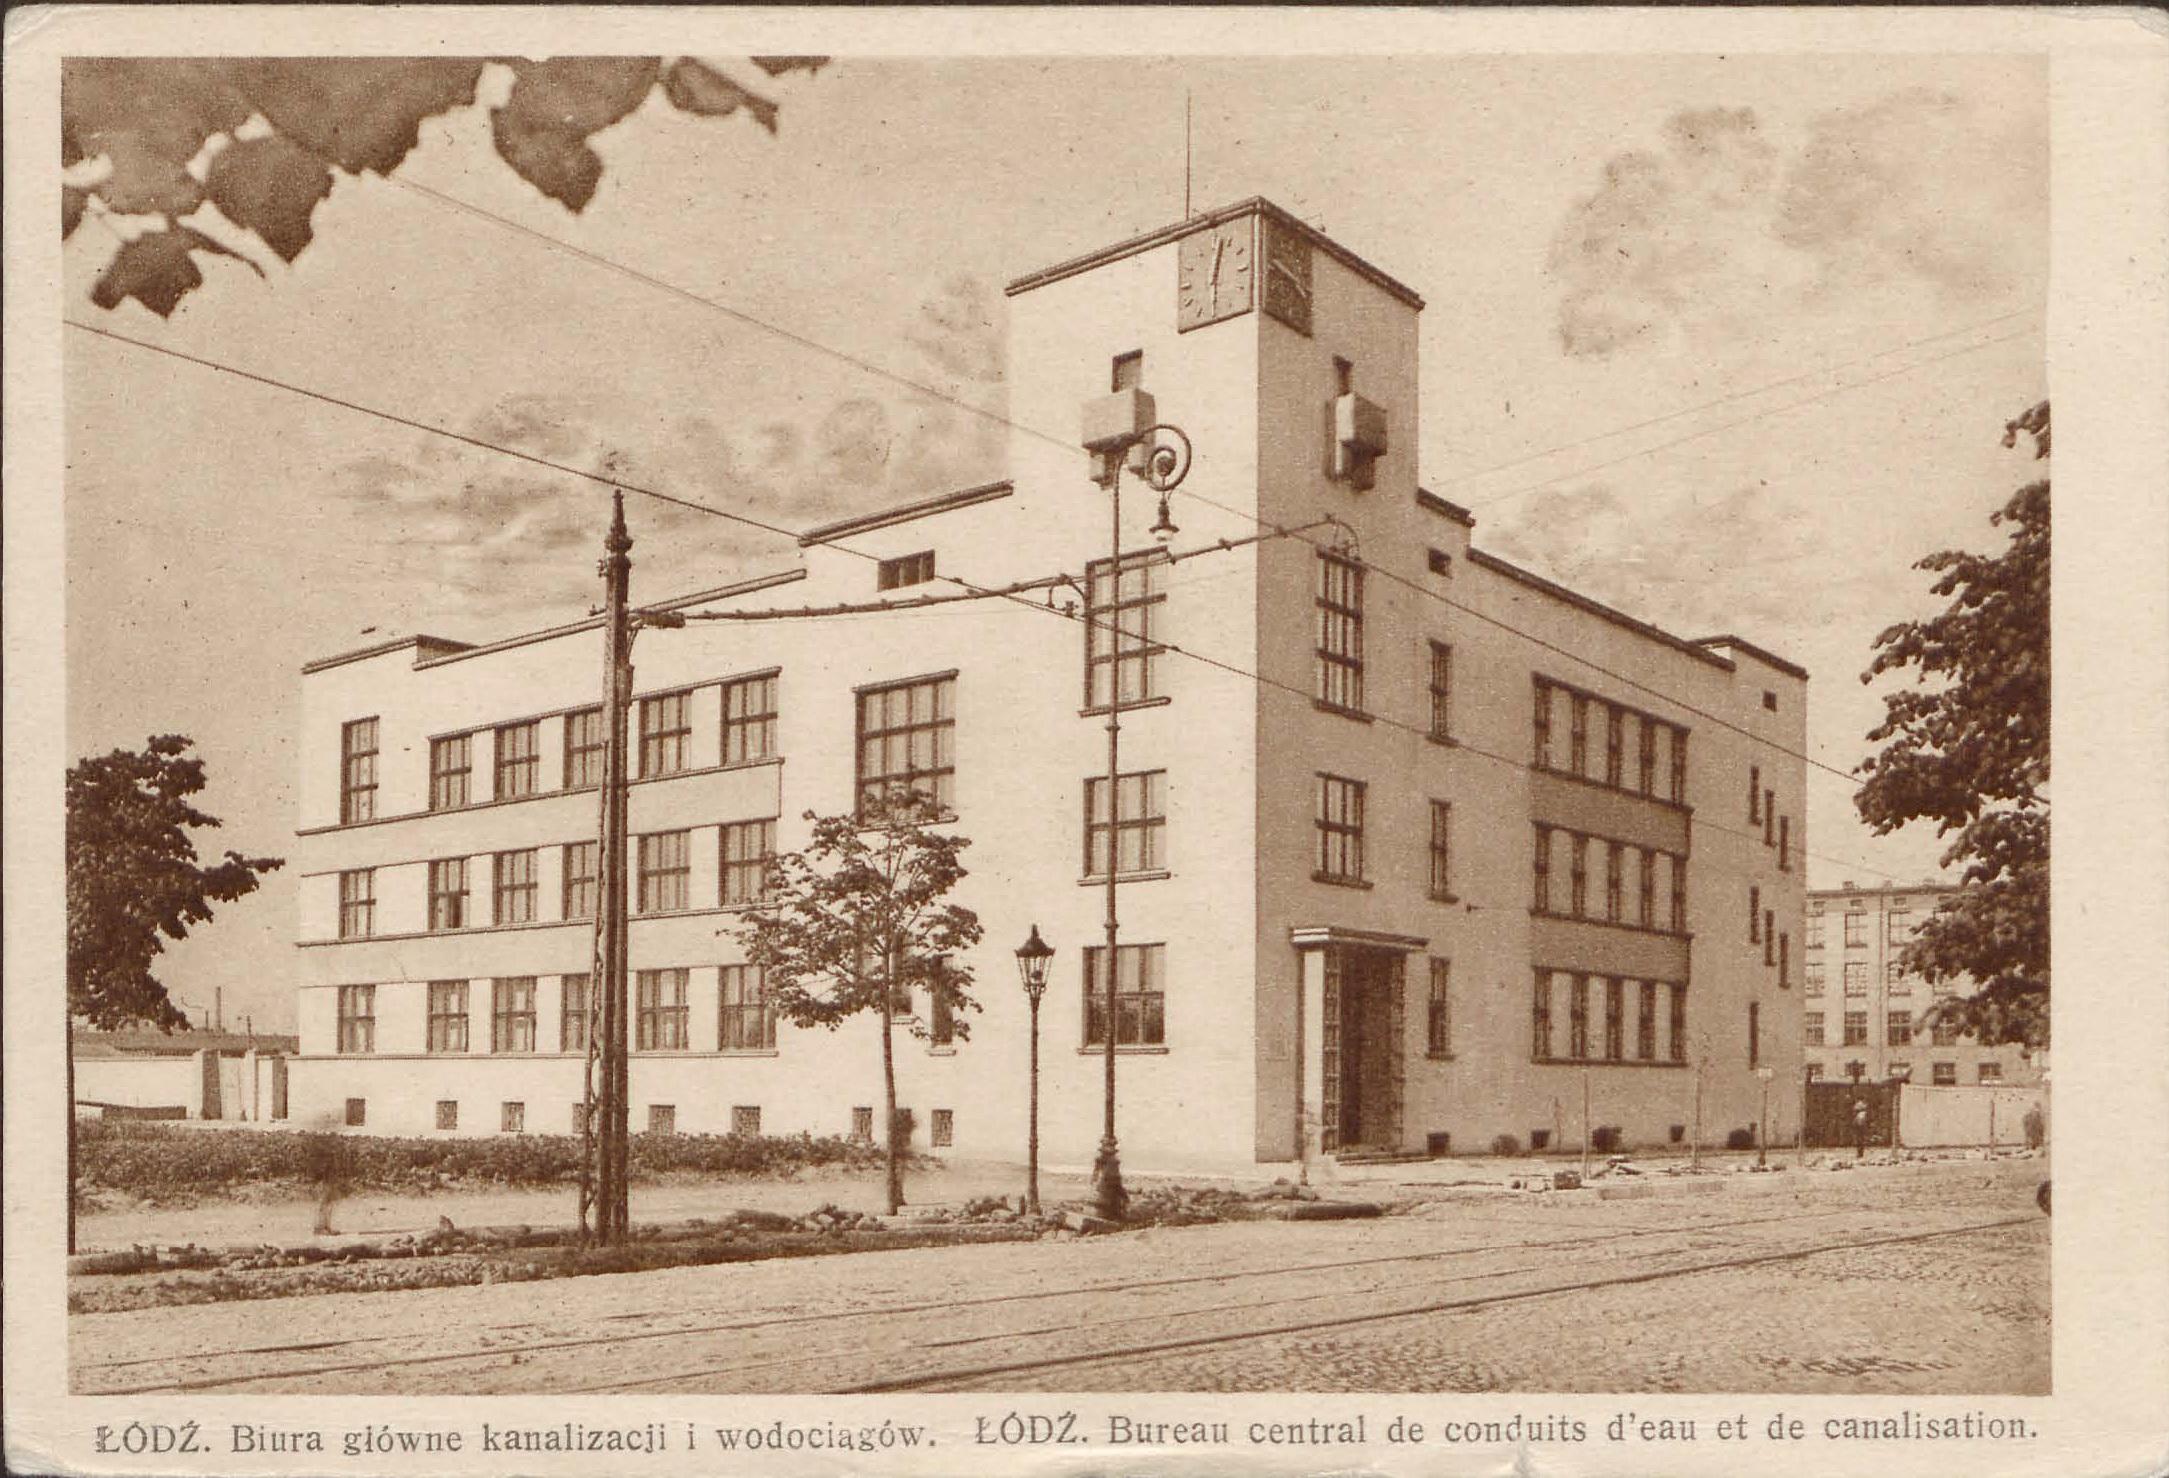 Biuro główne kanalizacji i wodociągów. Lata 30. XX wieku.